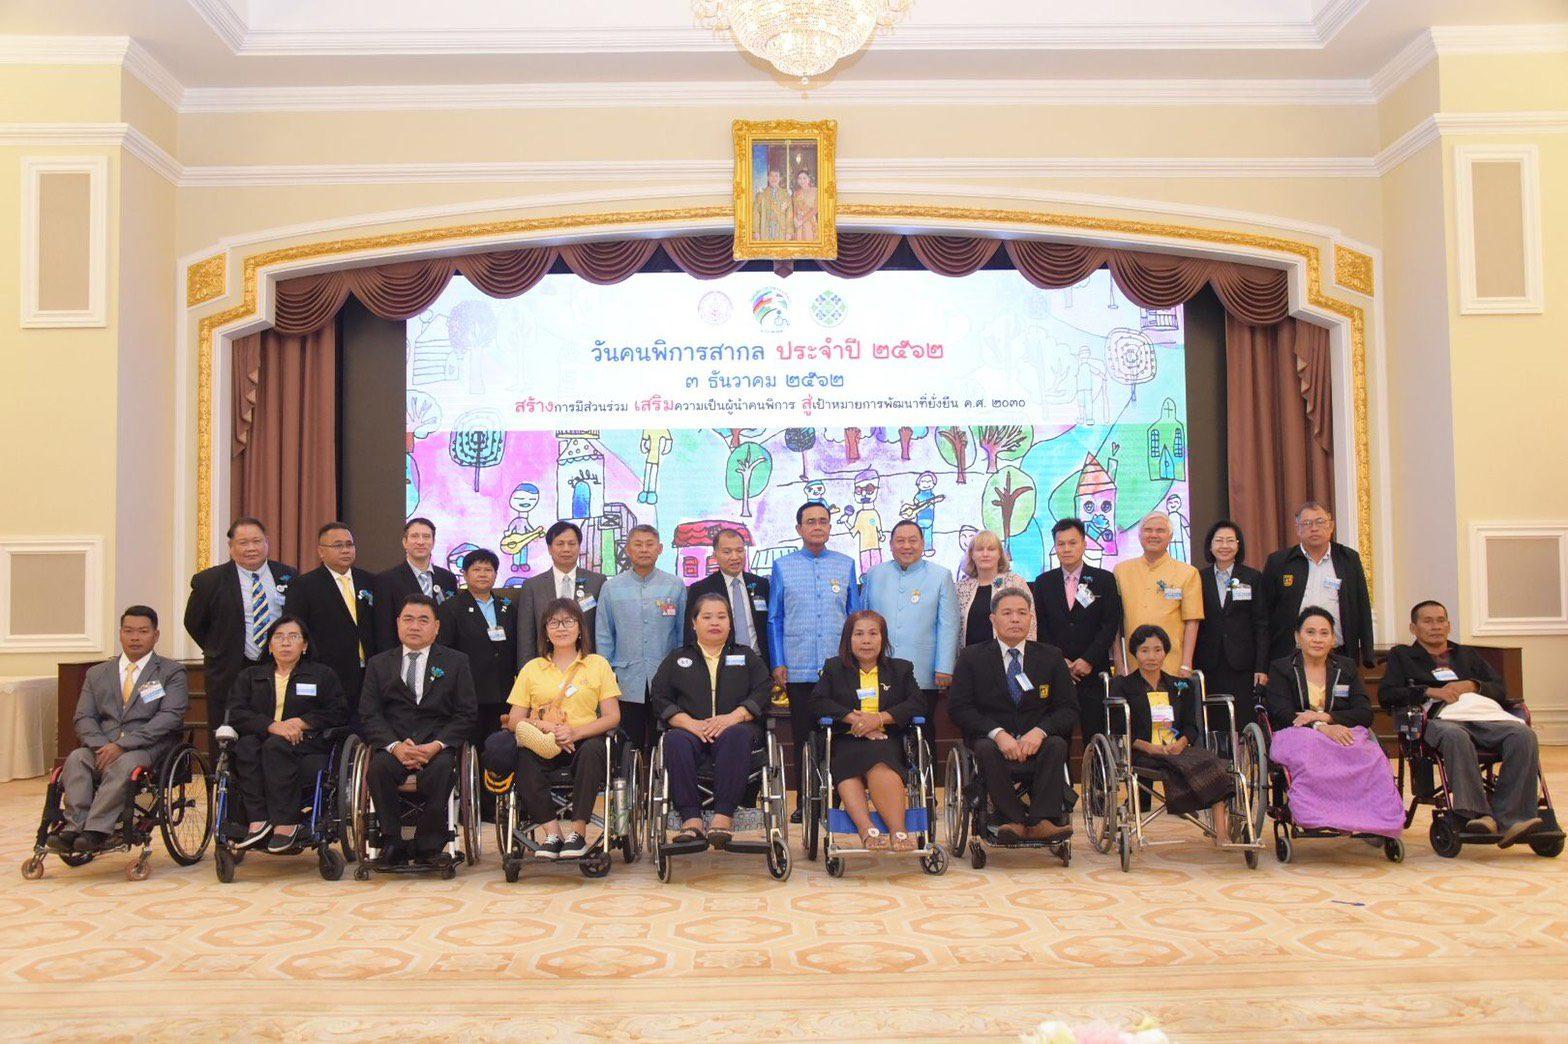 กระทรวงการพัฒนาสังคมและความมั่นคงของมนุษย์ จัดงานวันคนพิการสากล ประจำปี 2562 นายกรัฐมนตรี ร่วมเปิดงานและให้กำลังใจ